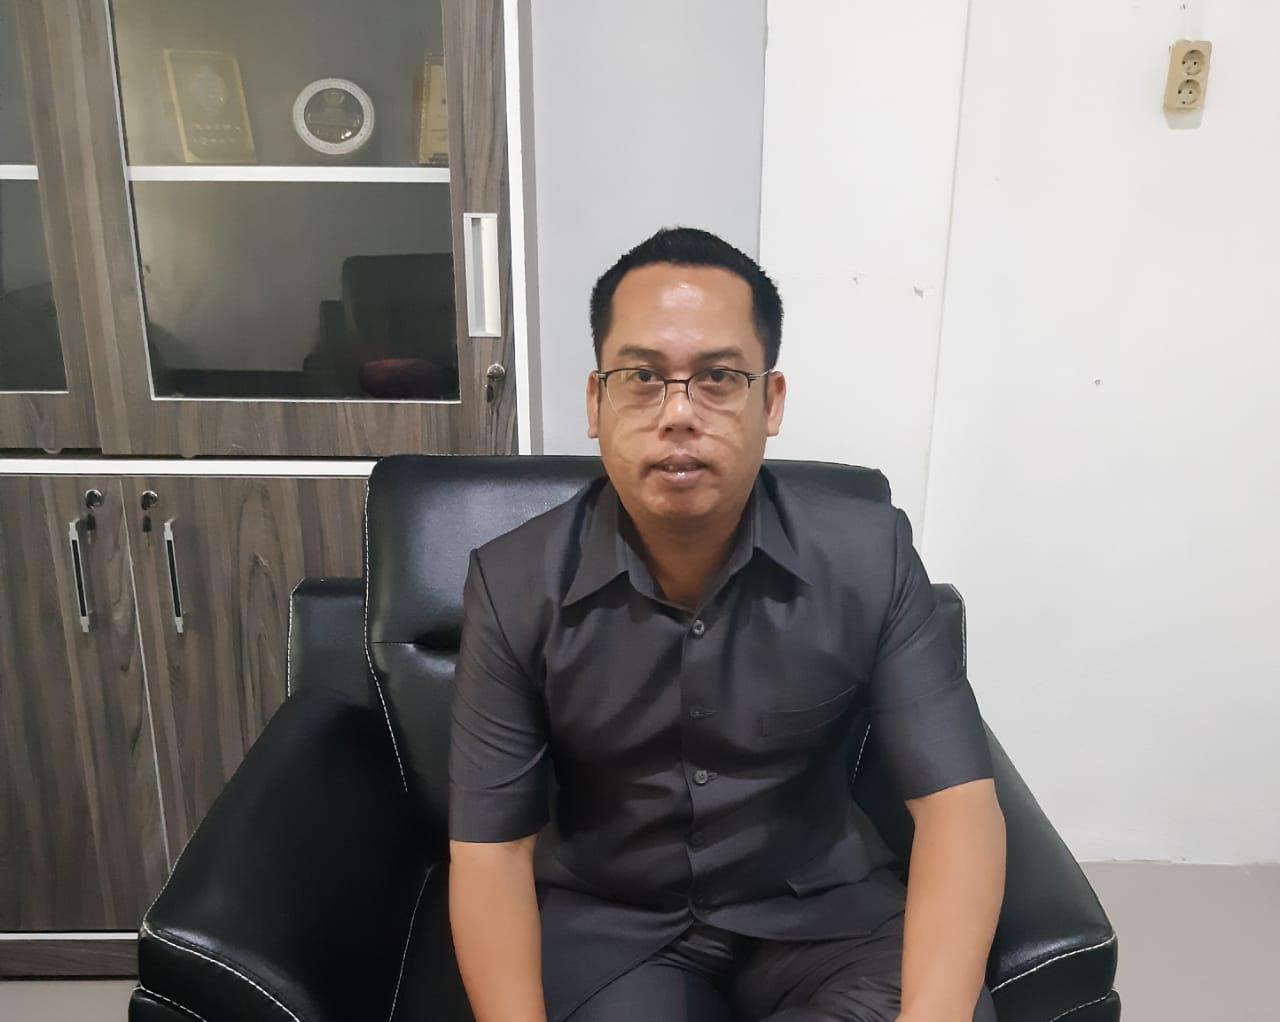 Zulhijar Anggota DPRD dinyatakan Positif Covid -19 oleh Satgas Covid Langkat